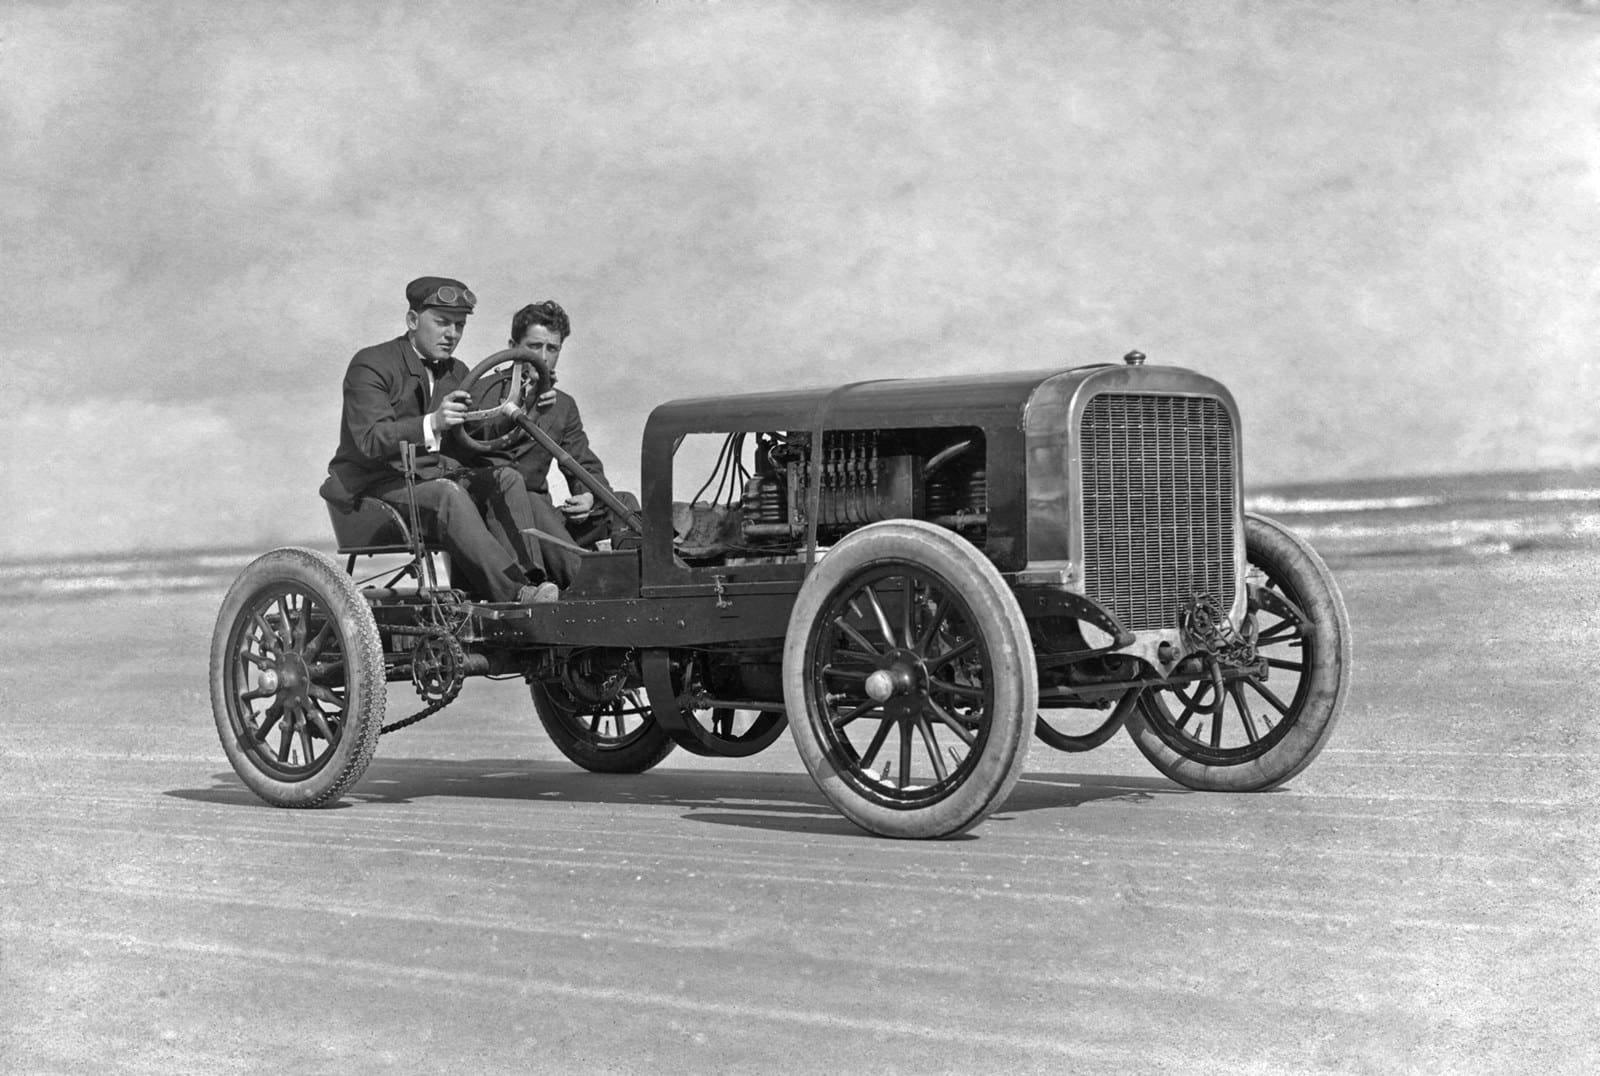 Двое на машине на пляже, примерно 1908 г. 100 лет назад, 20 век, архивные снимки, архивные фотографии, пляж, пляжный отдых, черно-белые фотографии, чёрно-белые фото